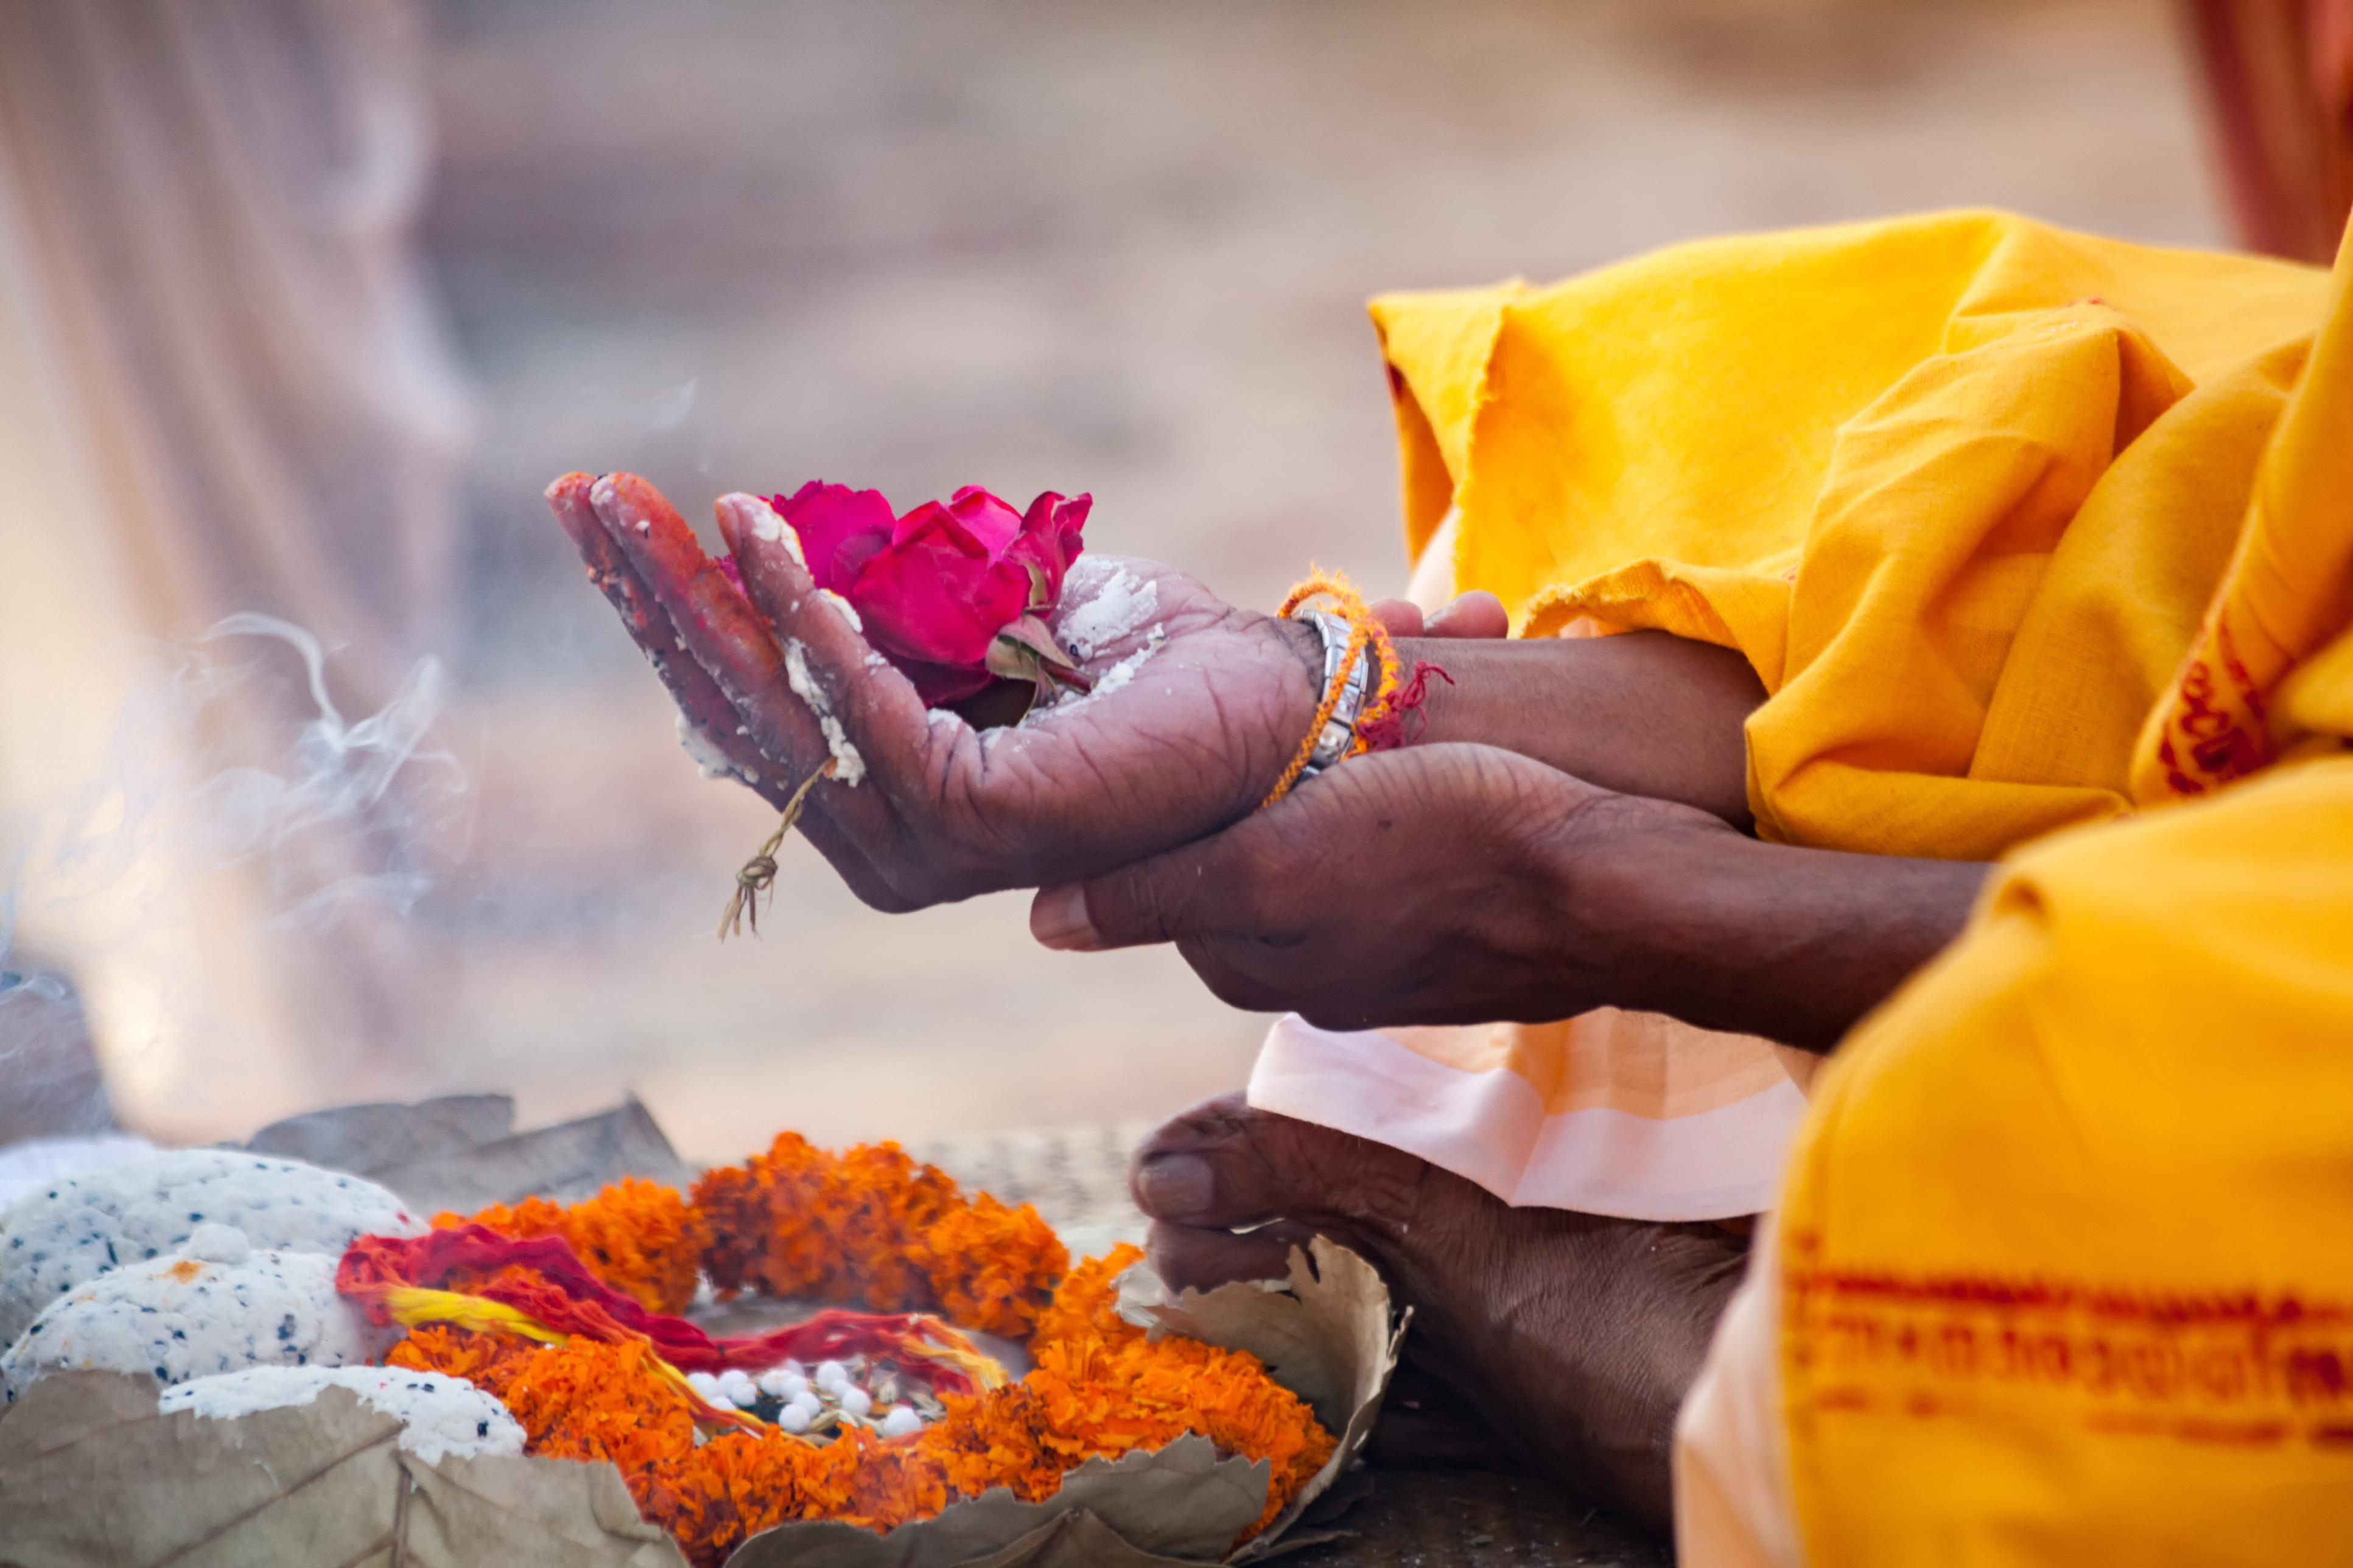 La ciudad sagrada a orillas del Ganges - India Gran Viaje Sensaciones auténticas y Nepal